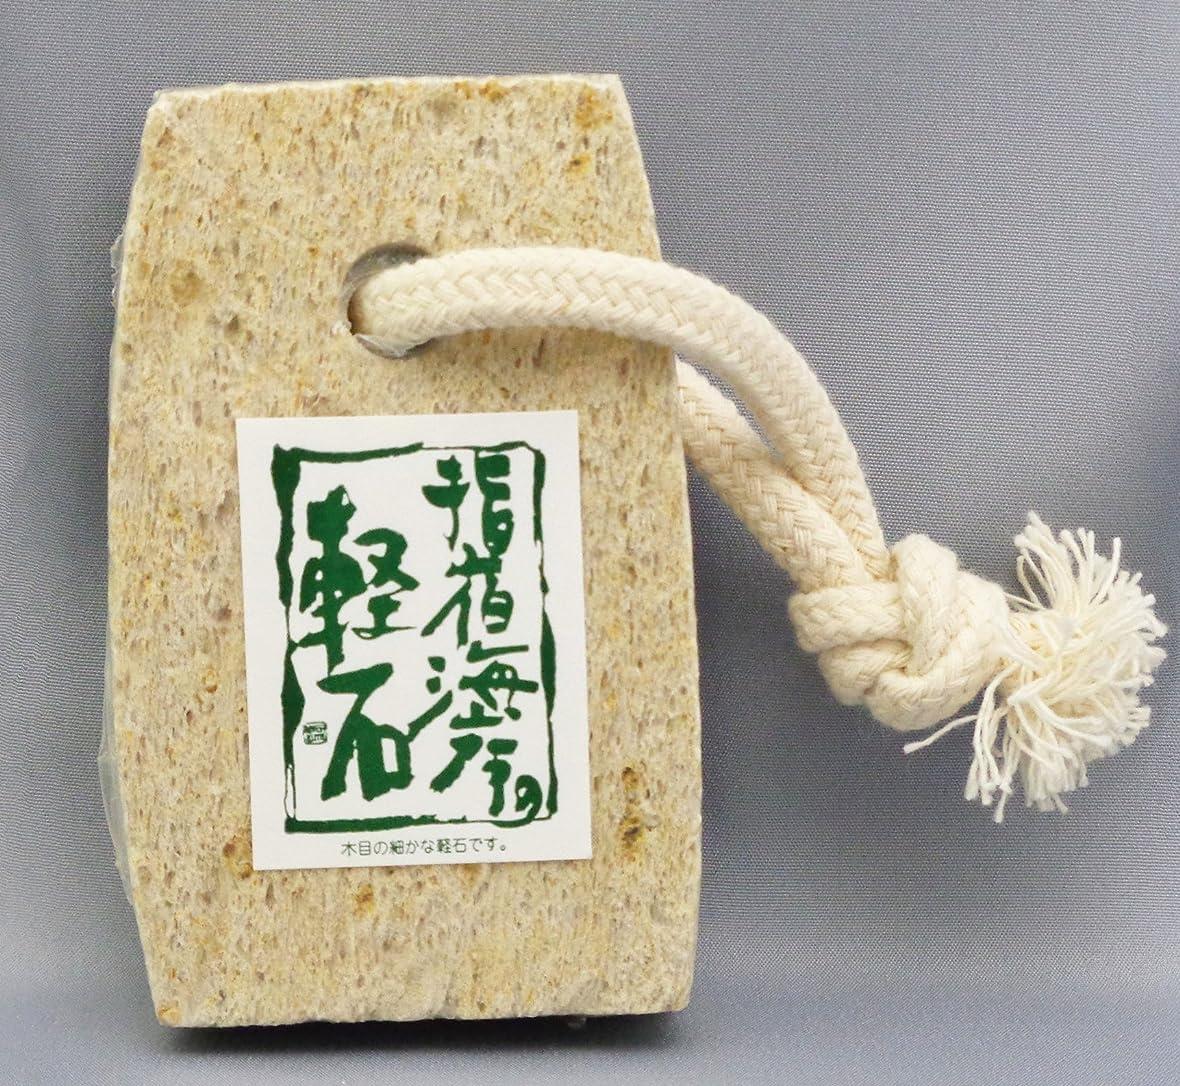 チケット競合他社選手手首シオザキ No.3 中判軽石 (ヒモ付き)指宿の軽石